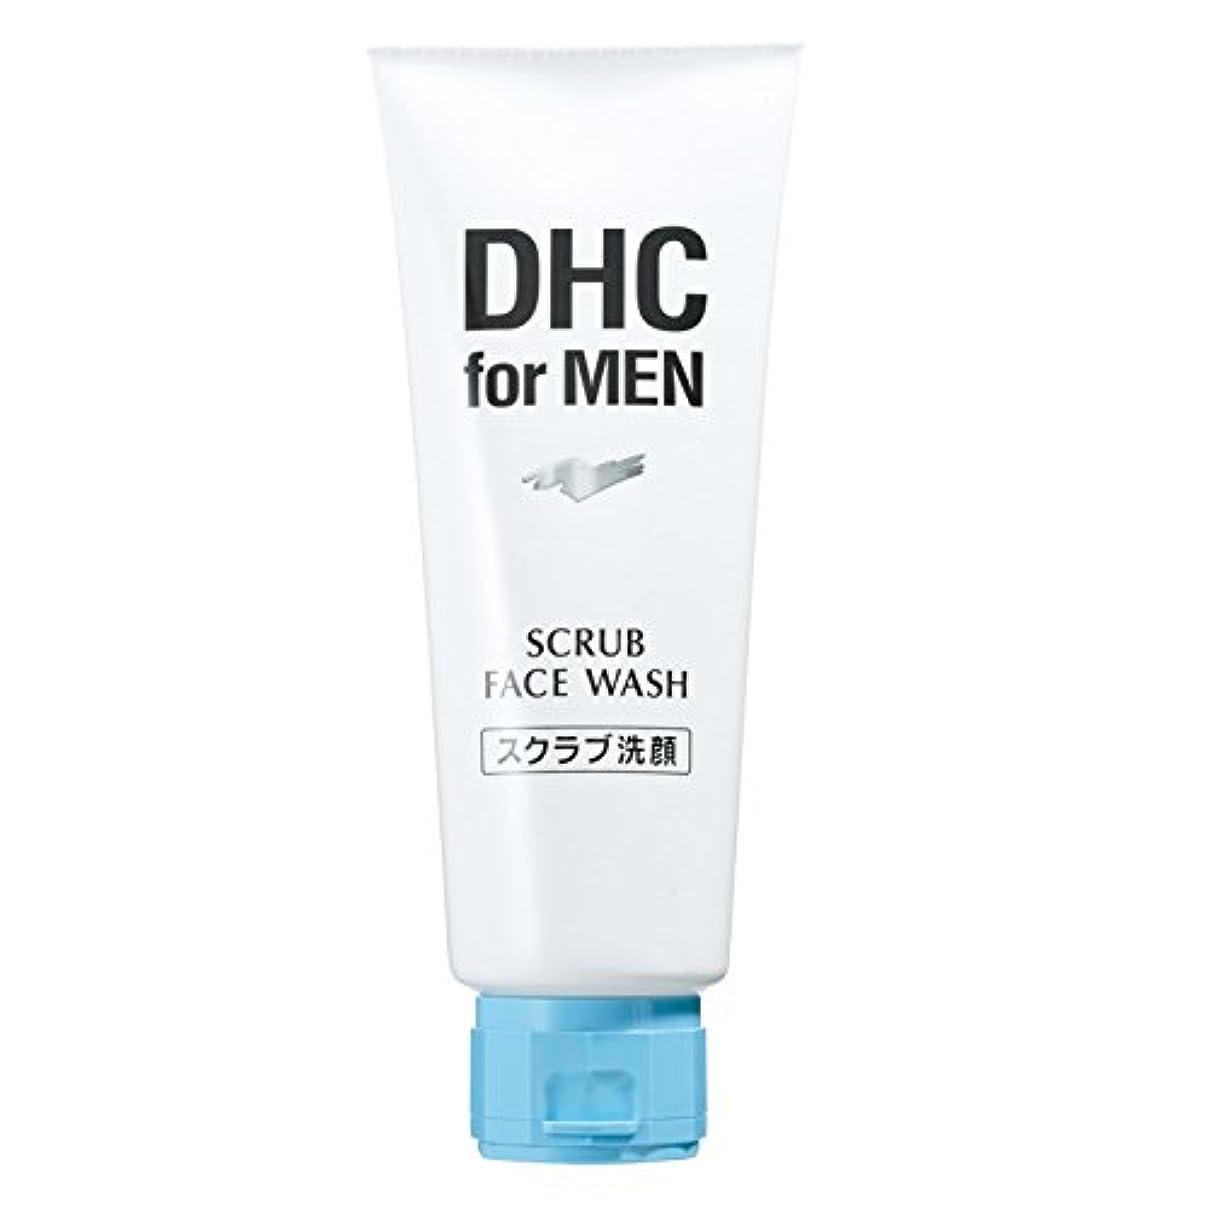 本当のことを言うとしばしば対応DHC スクラブ フェース ウォッシュ 【DHC for MEN】